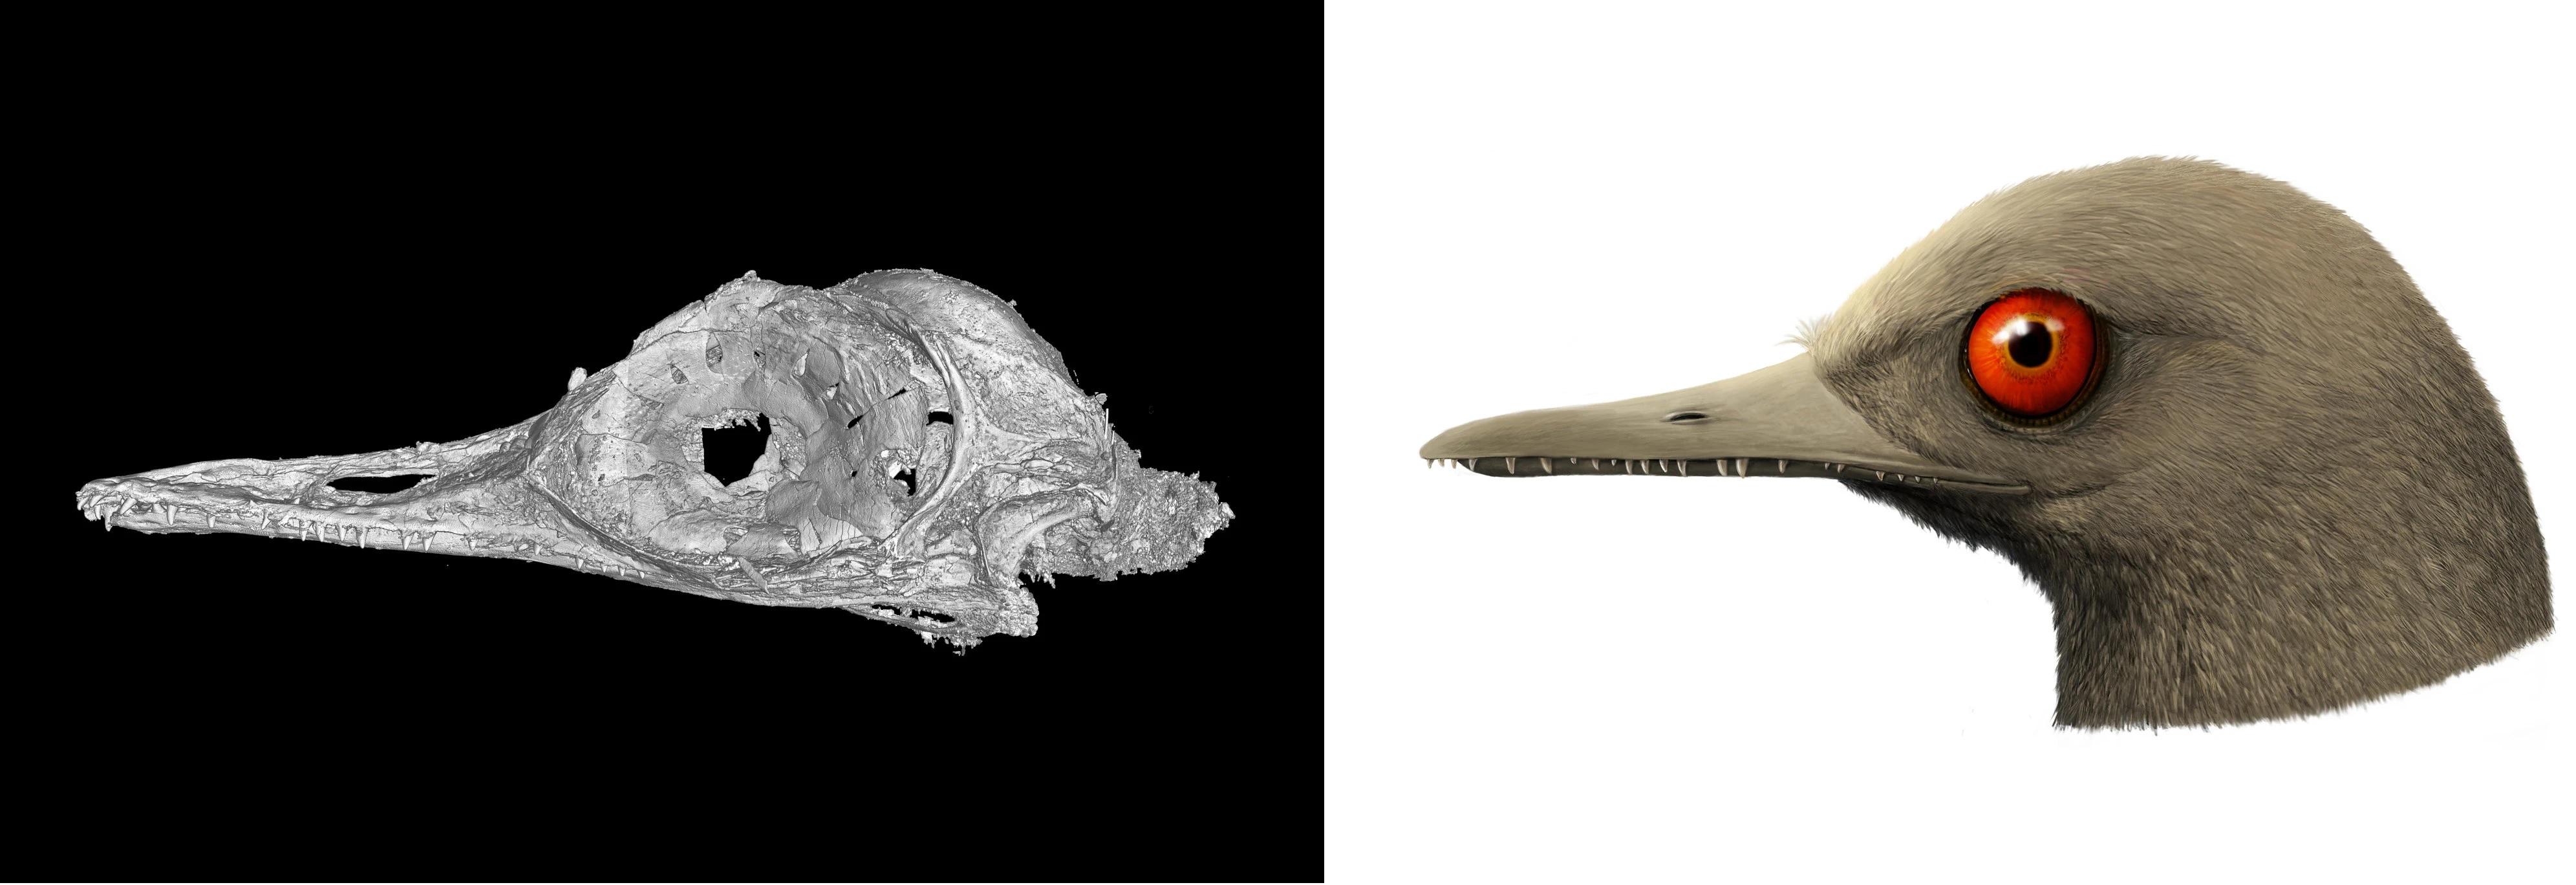 Oculudentavis-schedel  - Foto Li Gang - Reconstructie Han Zhinxin